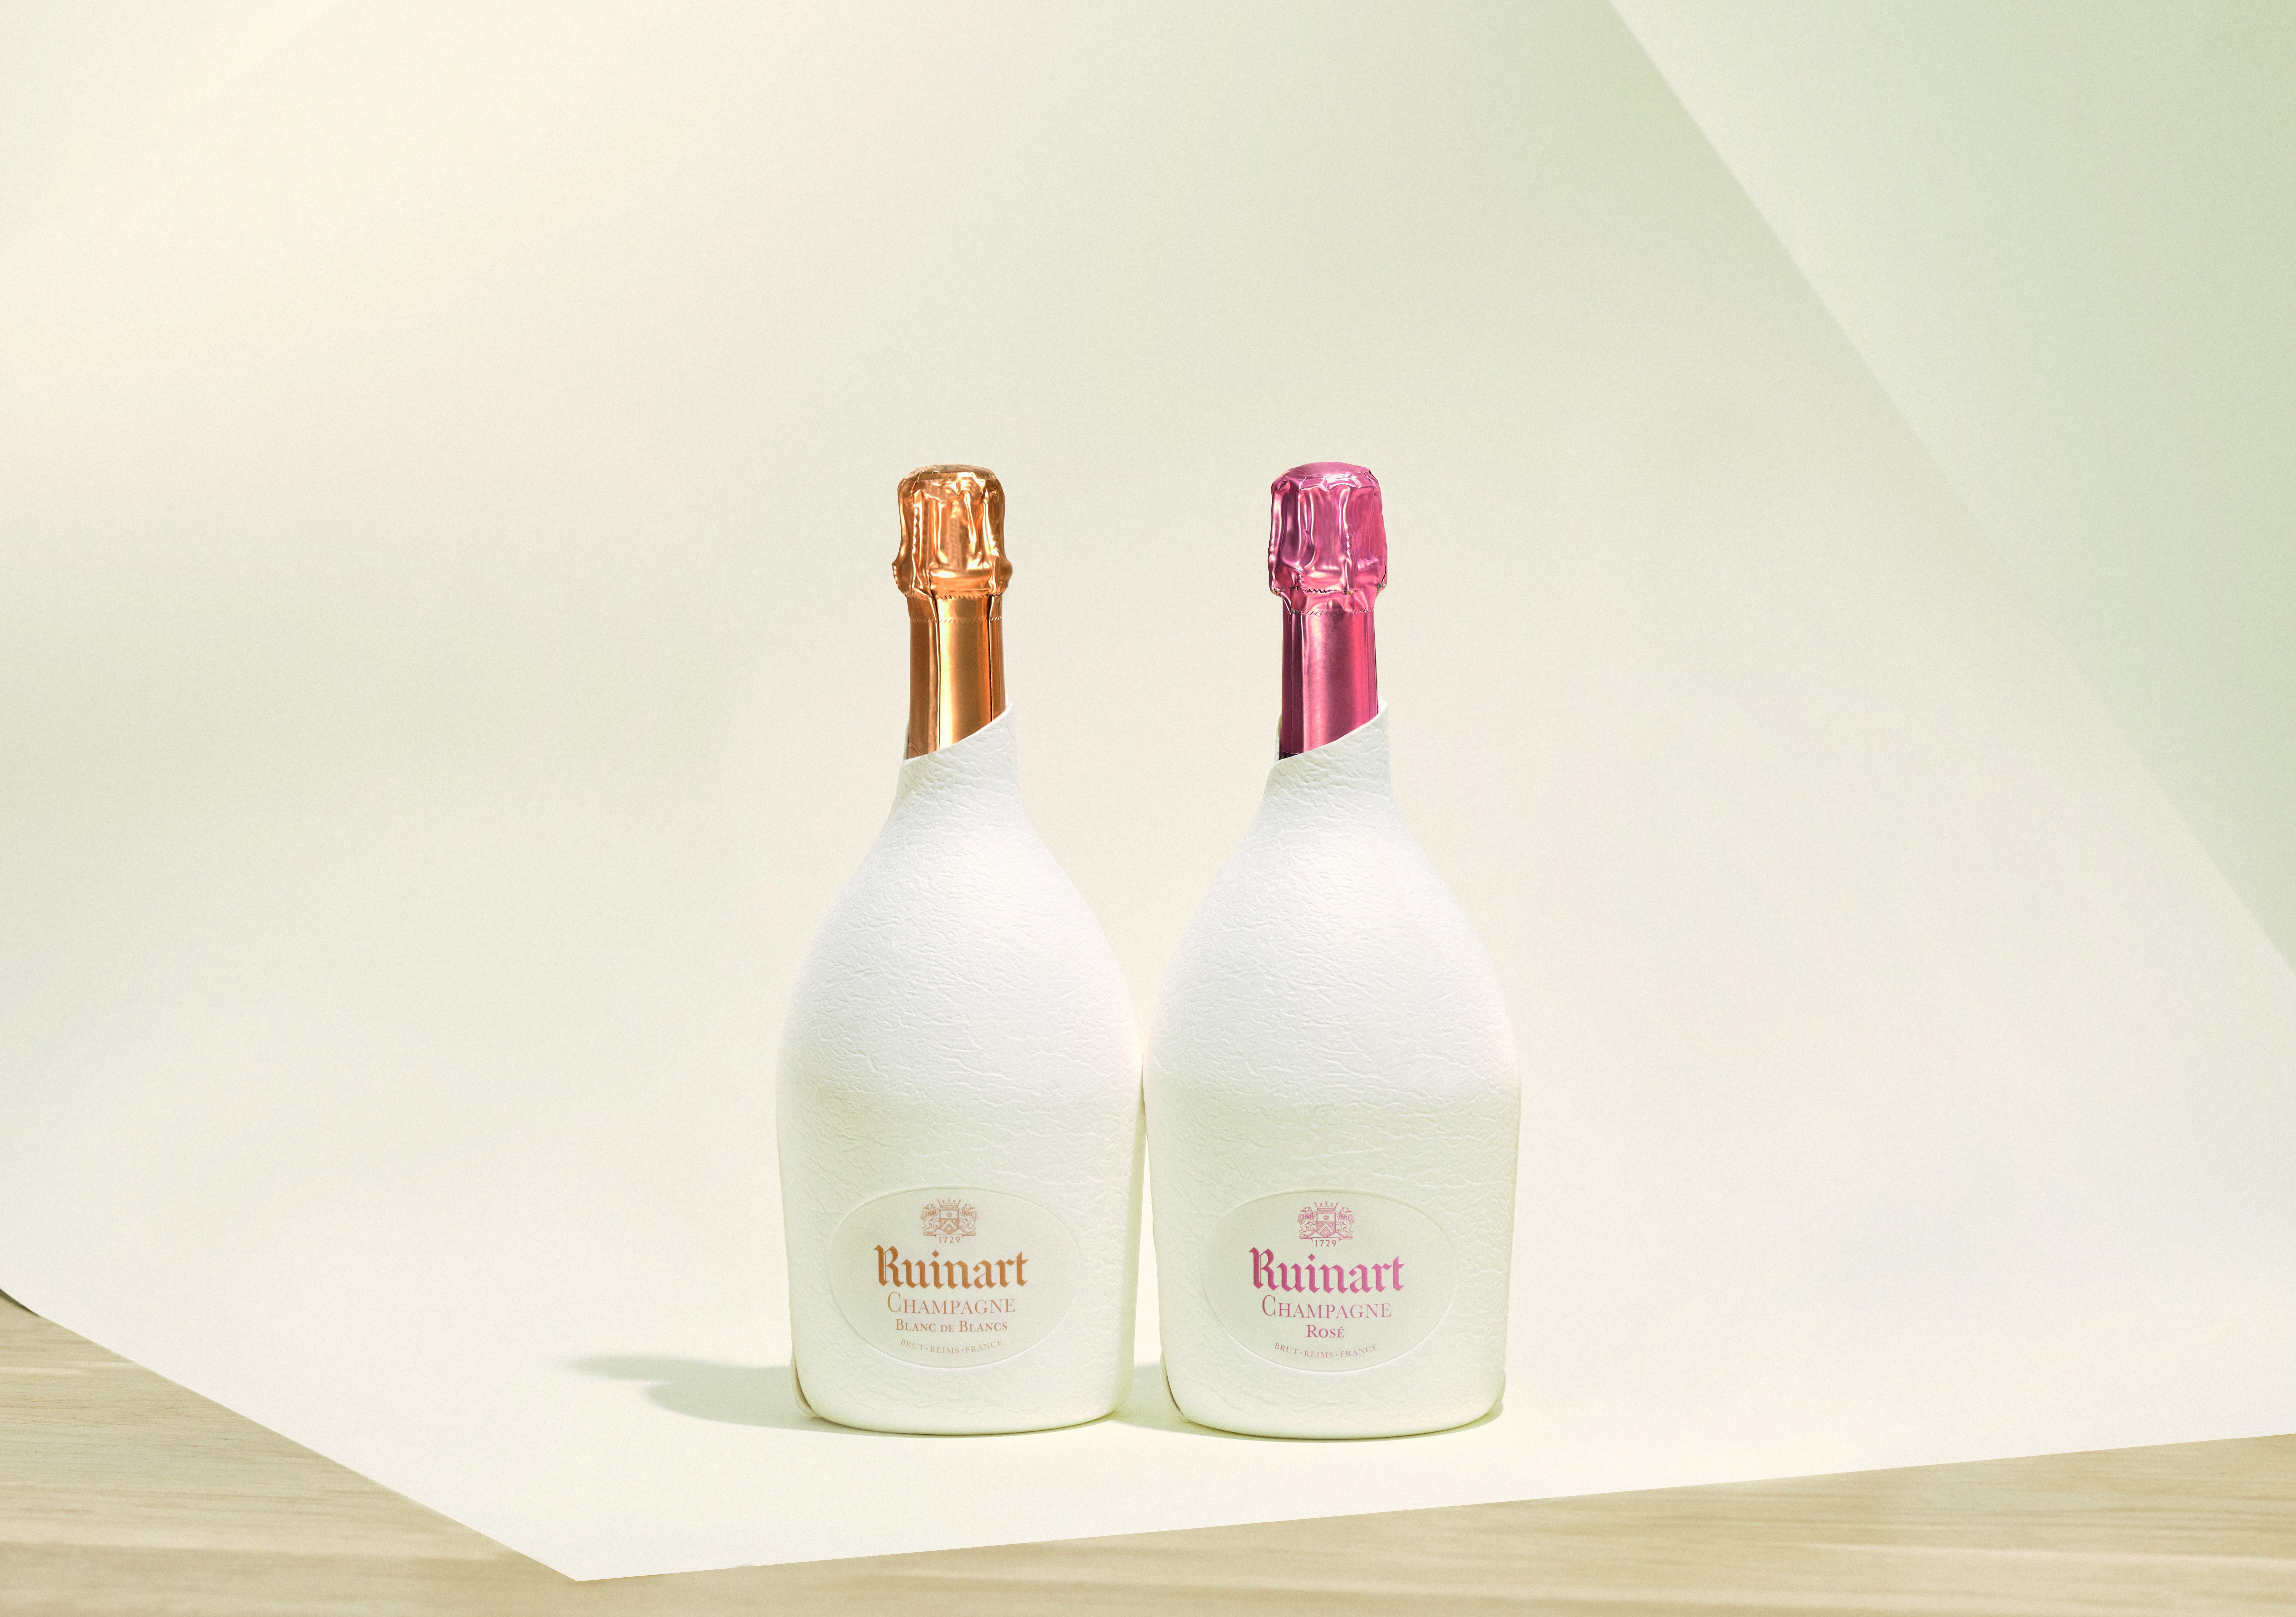 Ruinart desarrolla un nuevo embalaje ecológico para su champagne